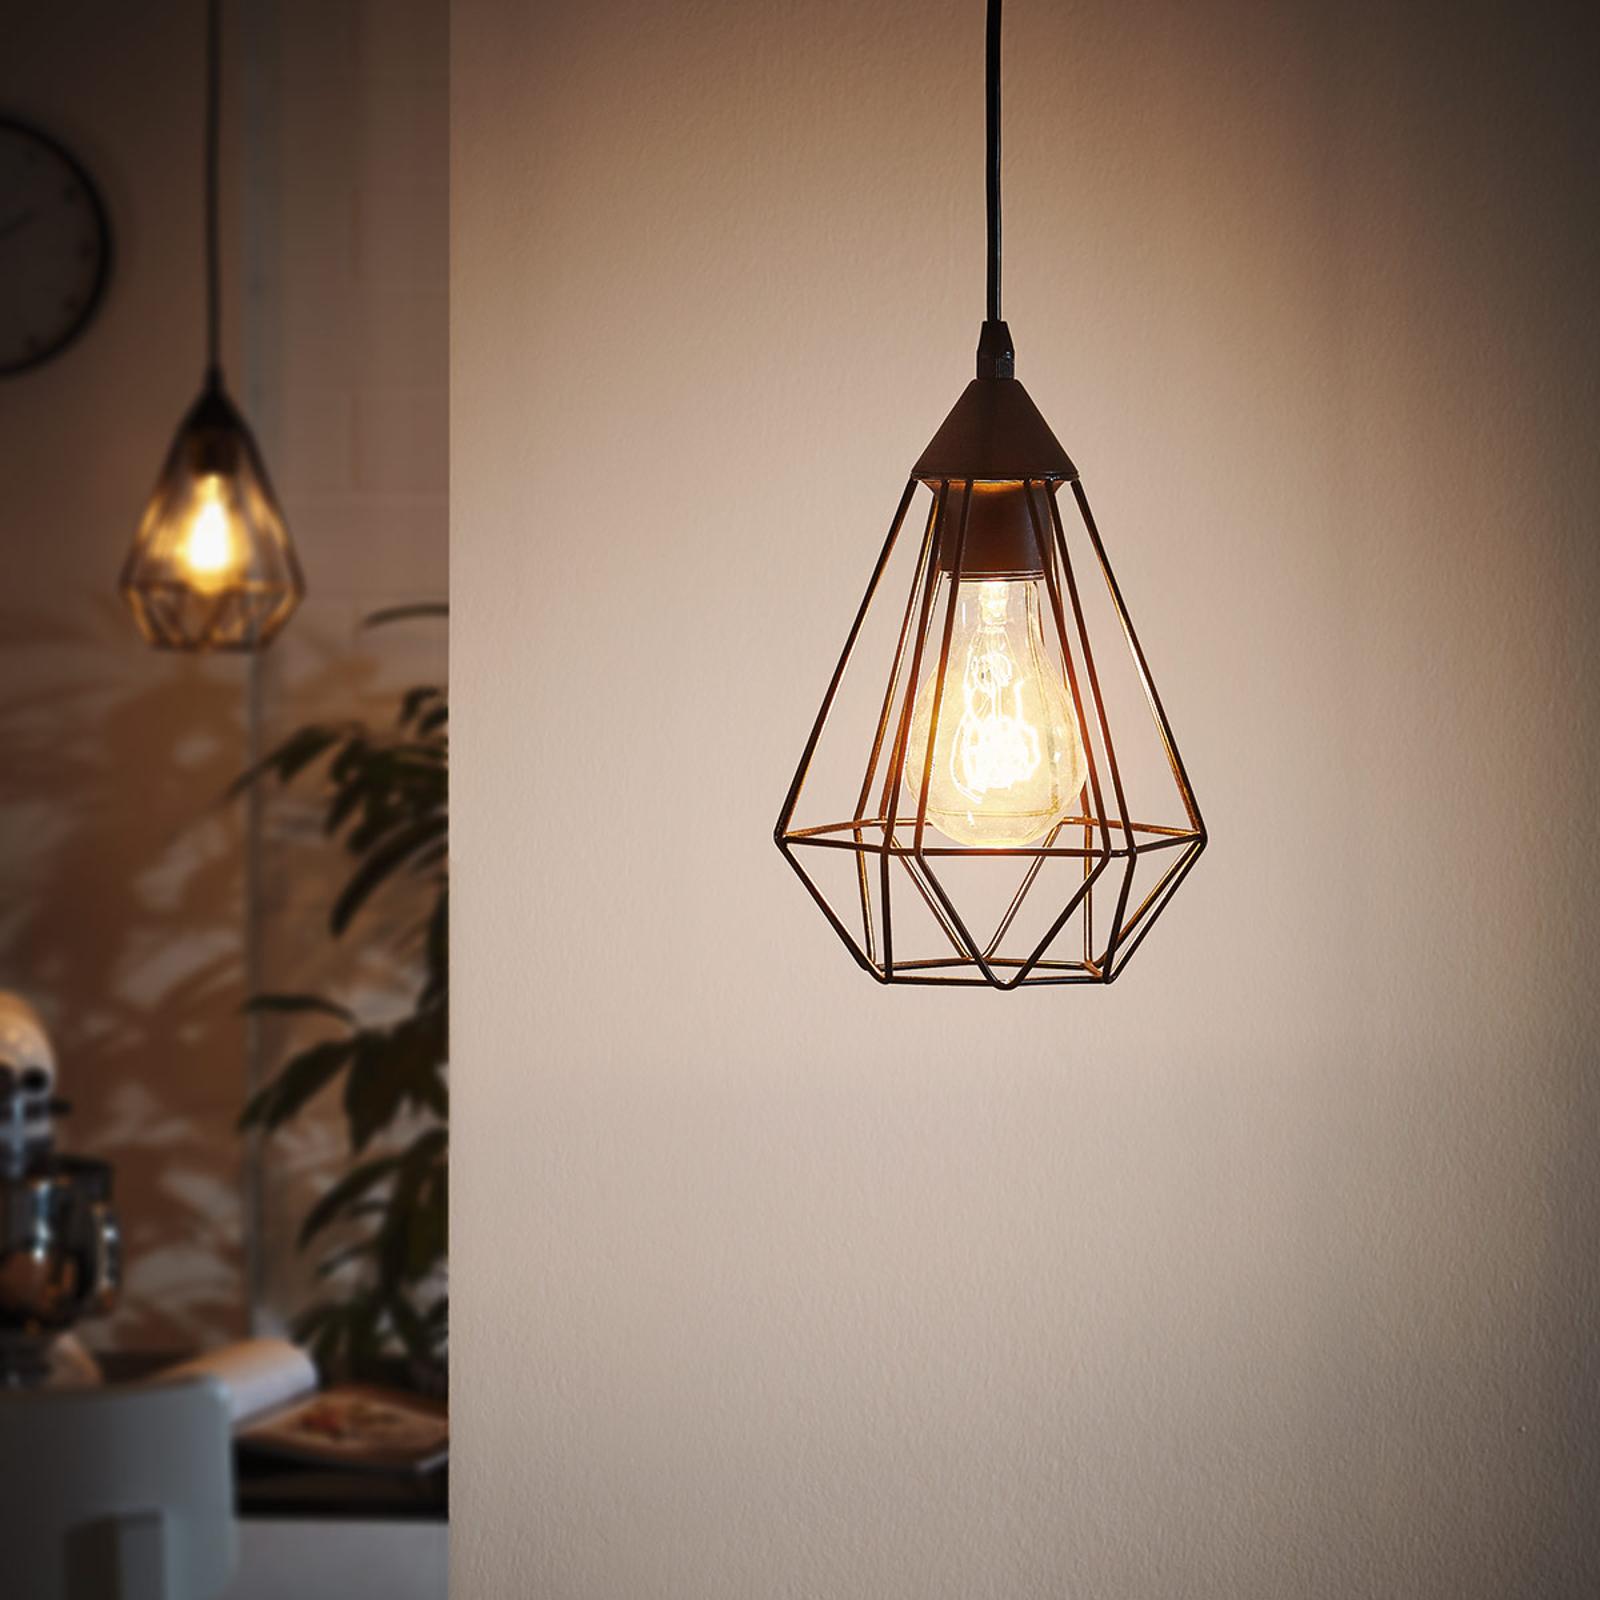 Suspension Tarbes à 1 lampe, 17,5cm, noir